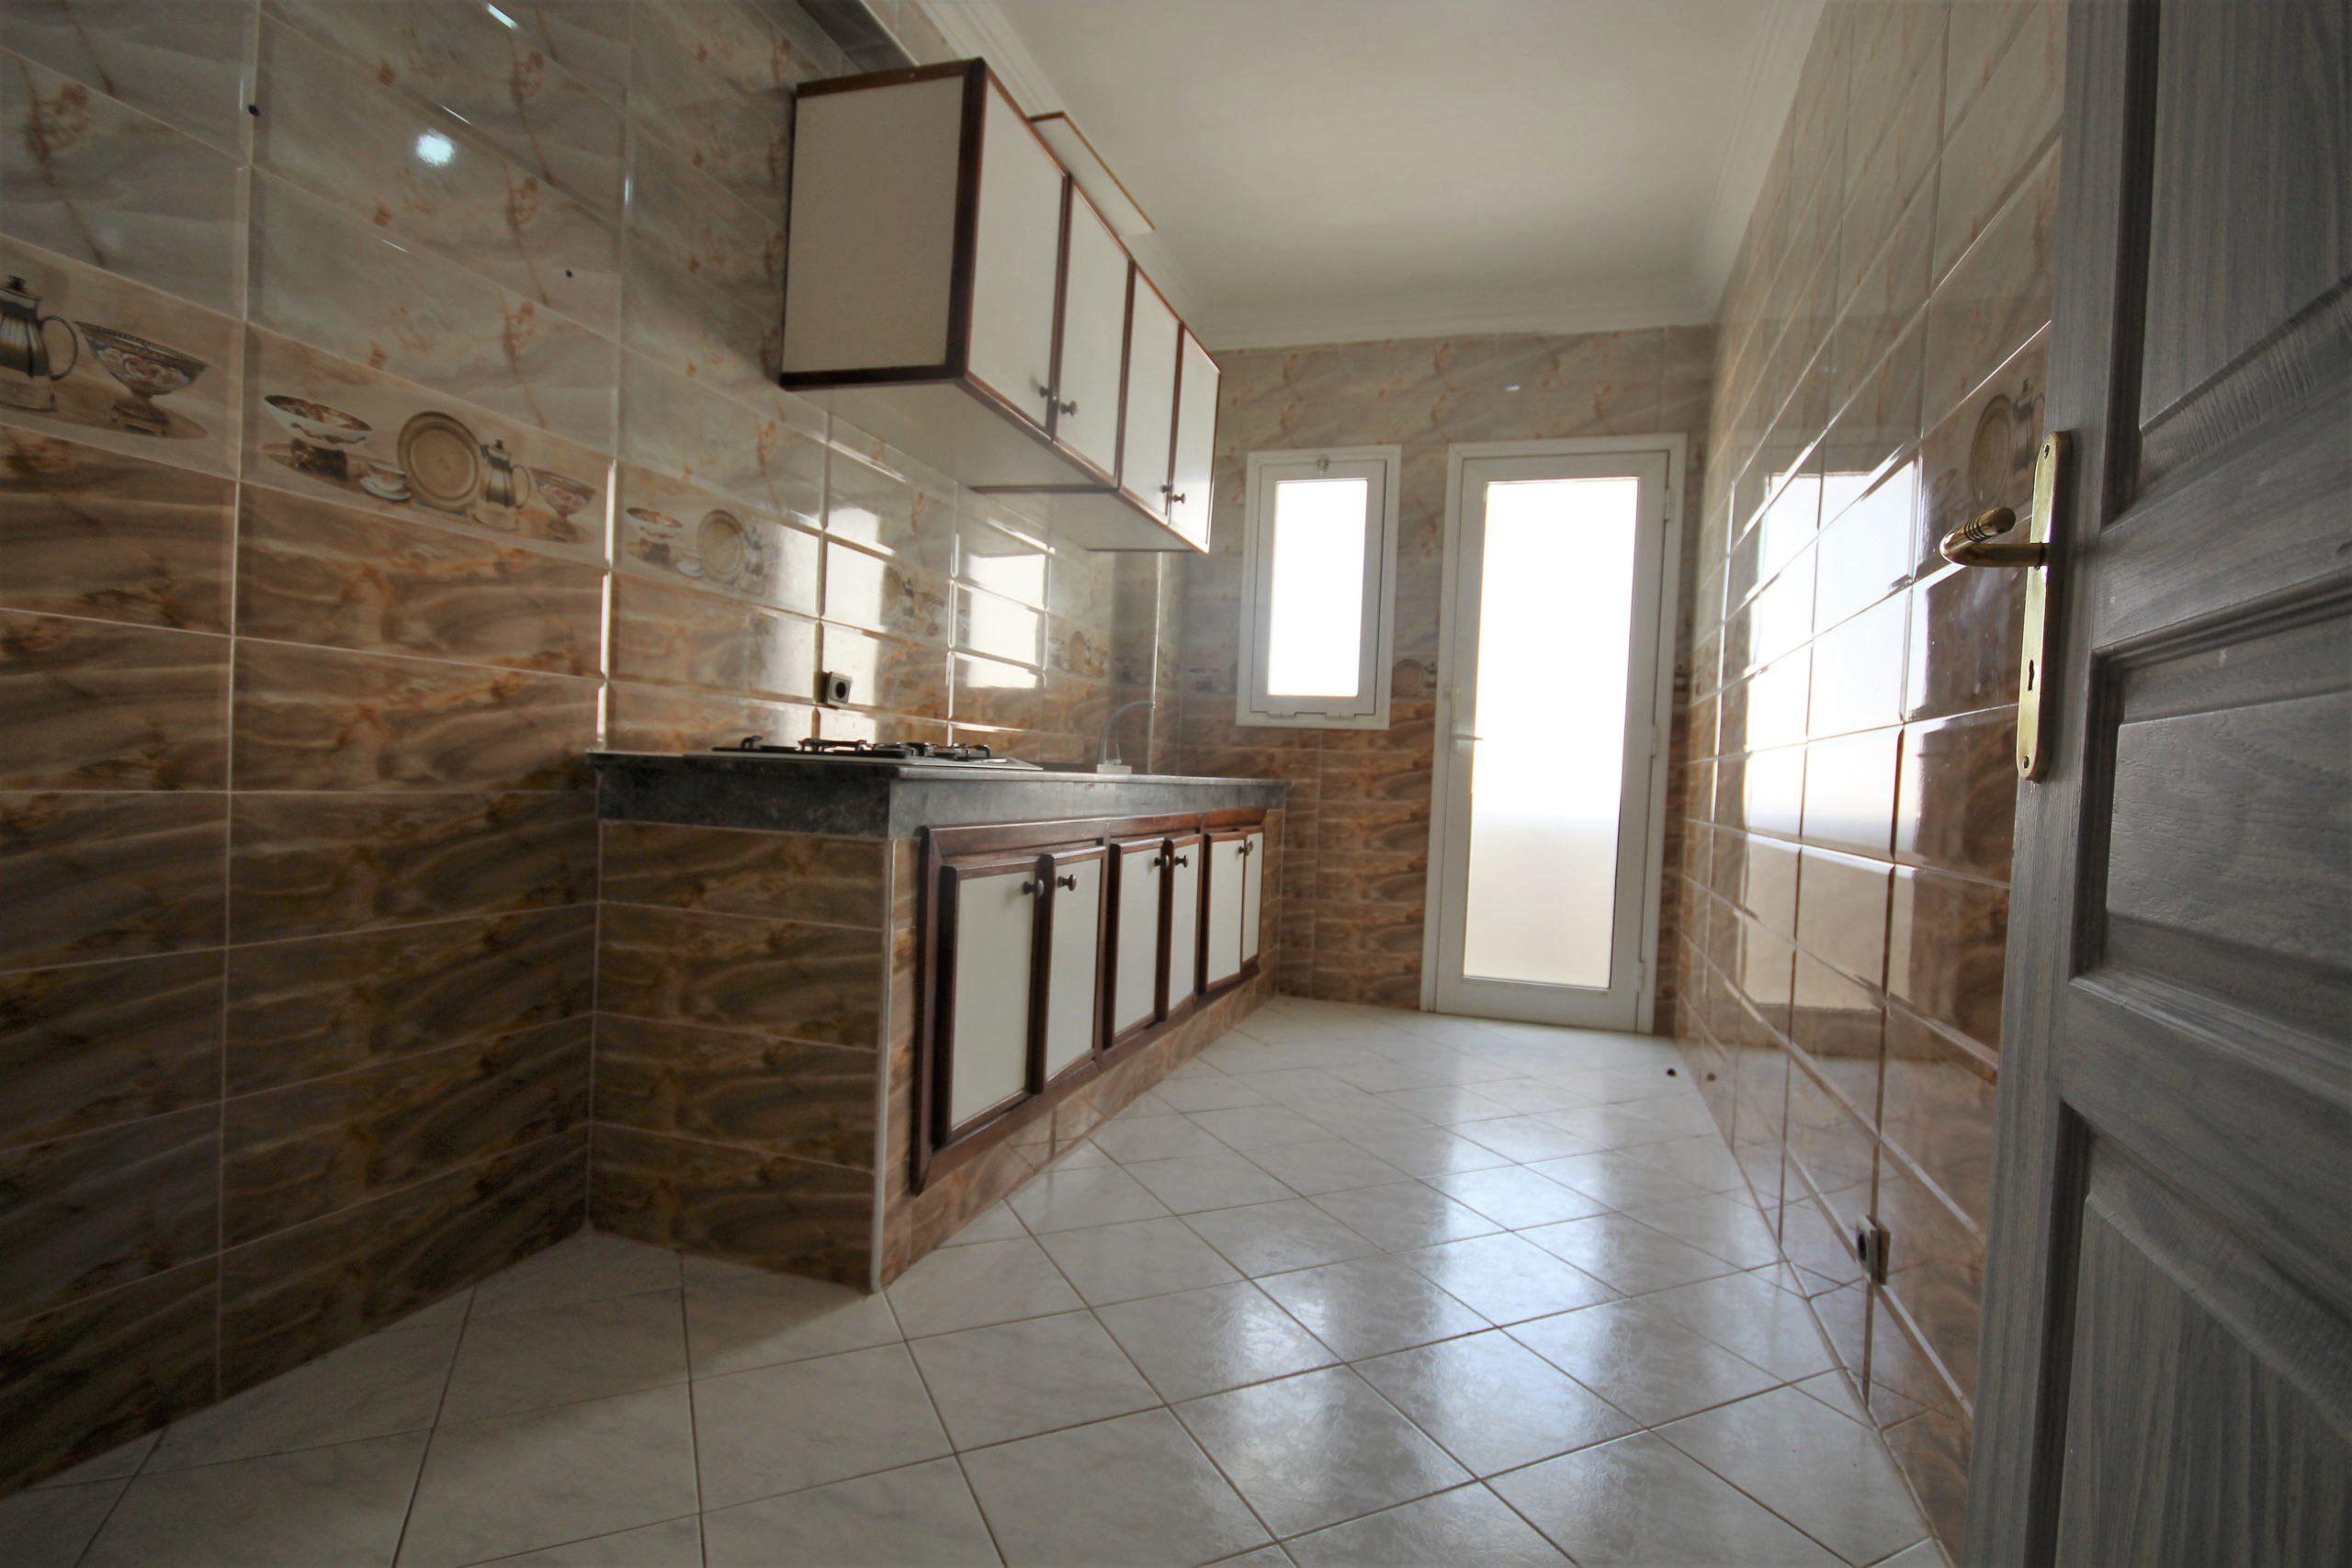 Maroc, Casablanca Maarif extension, vend appartement 2 chambres petit prix